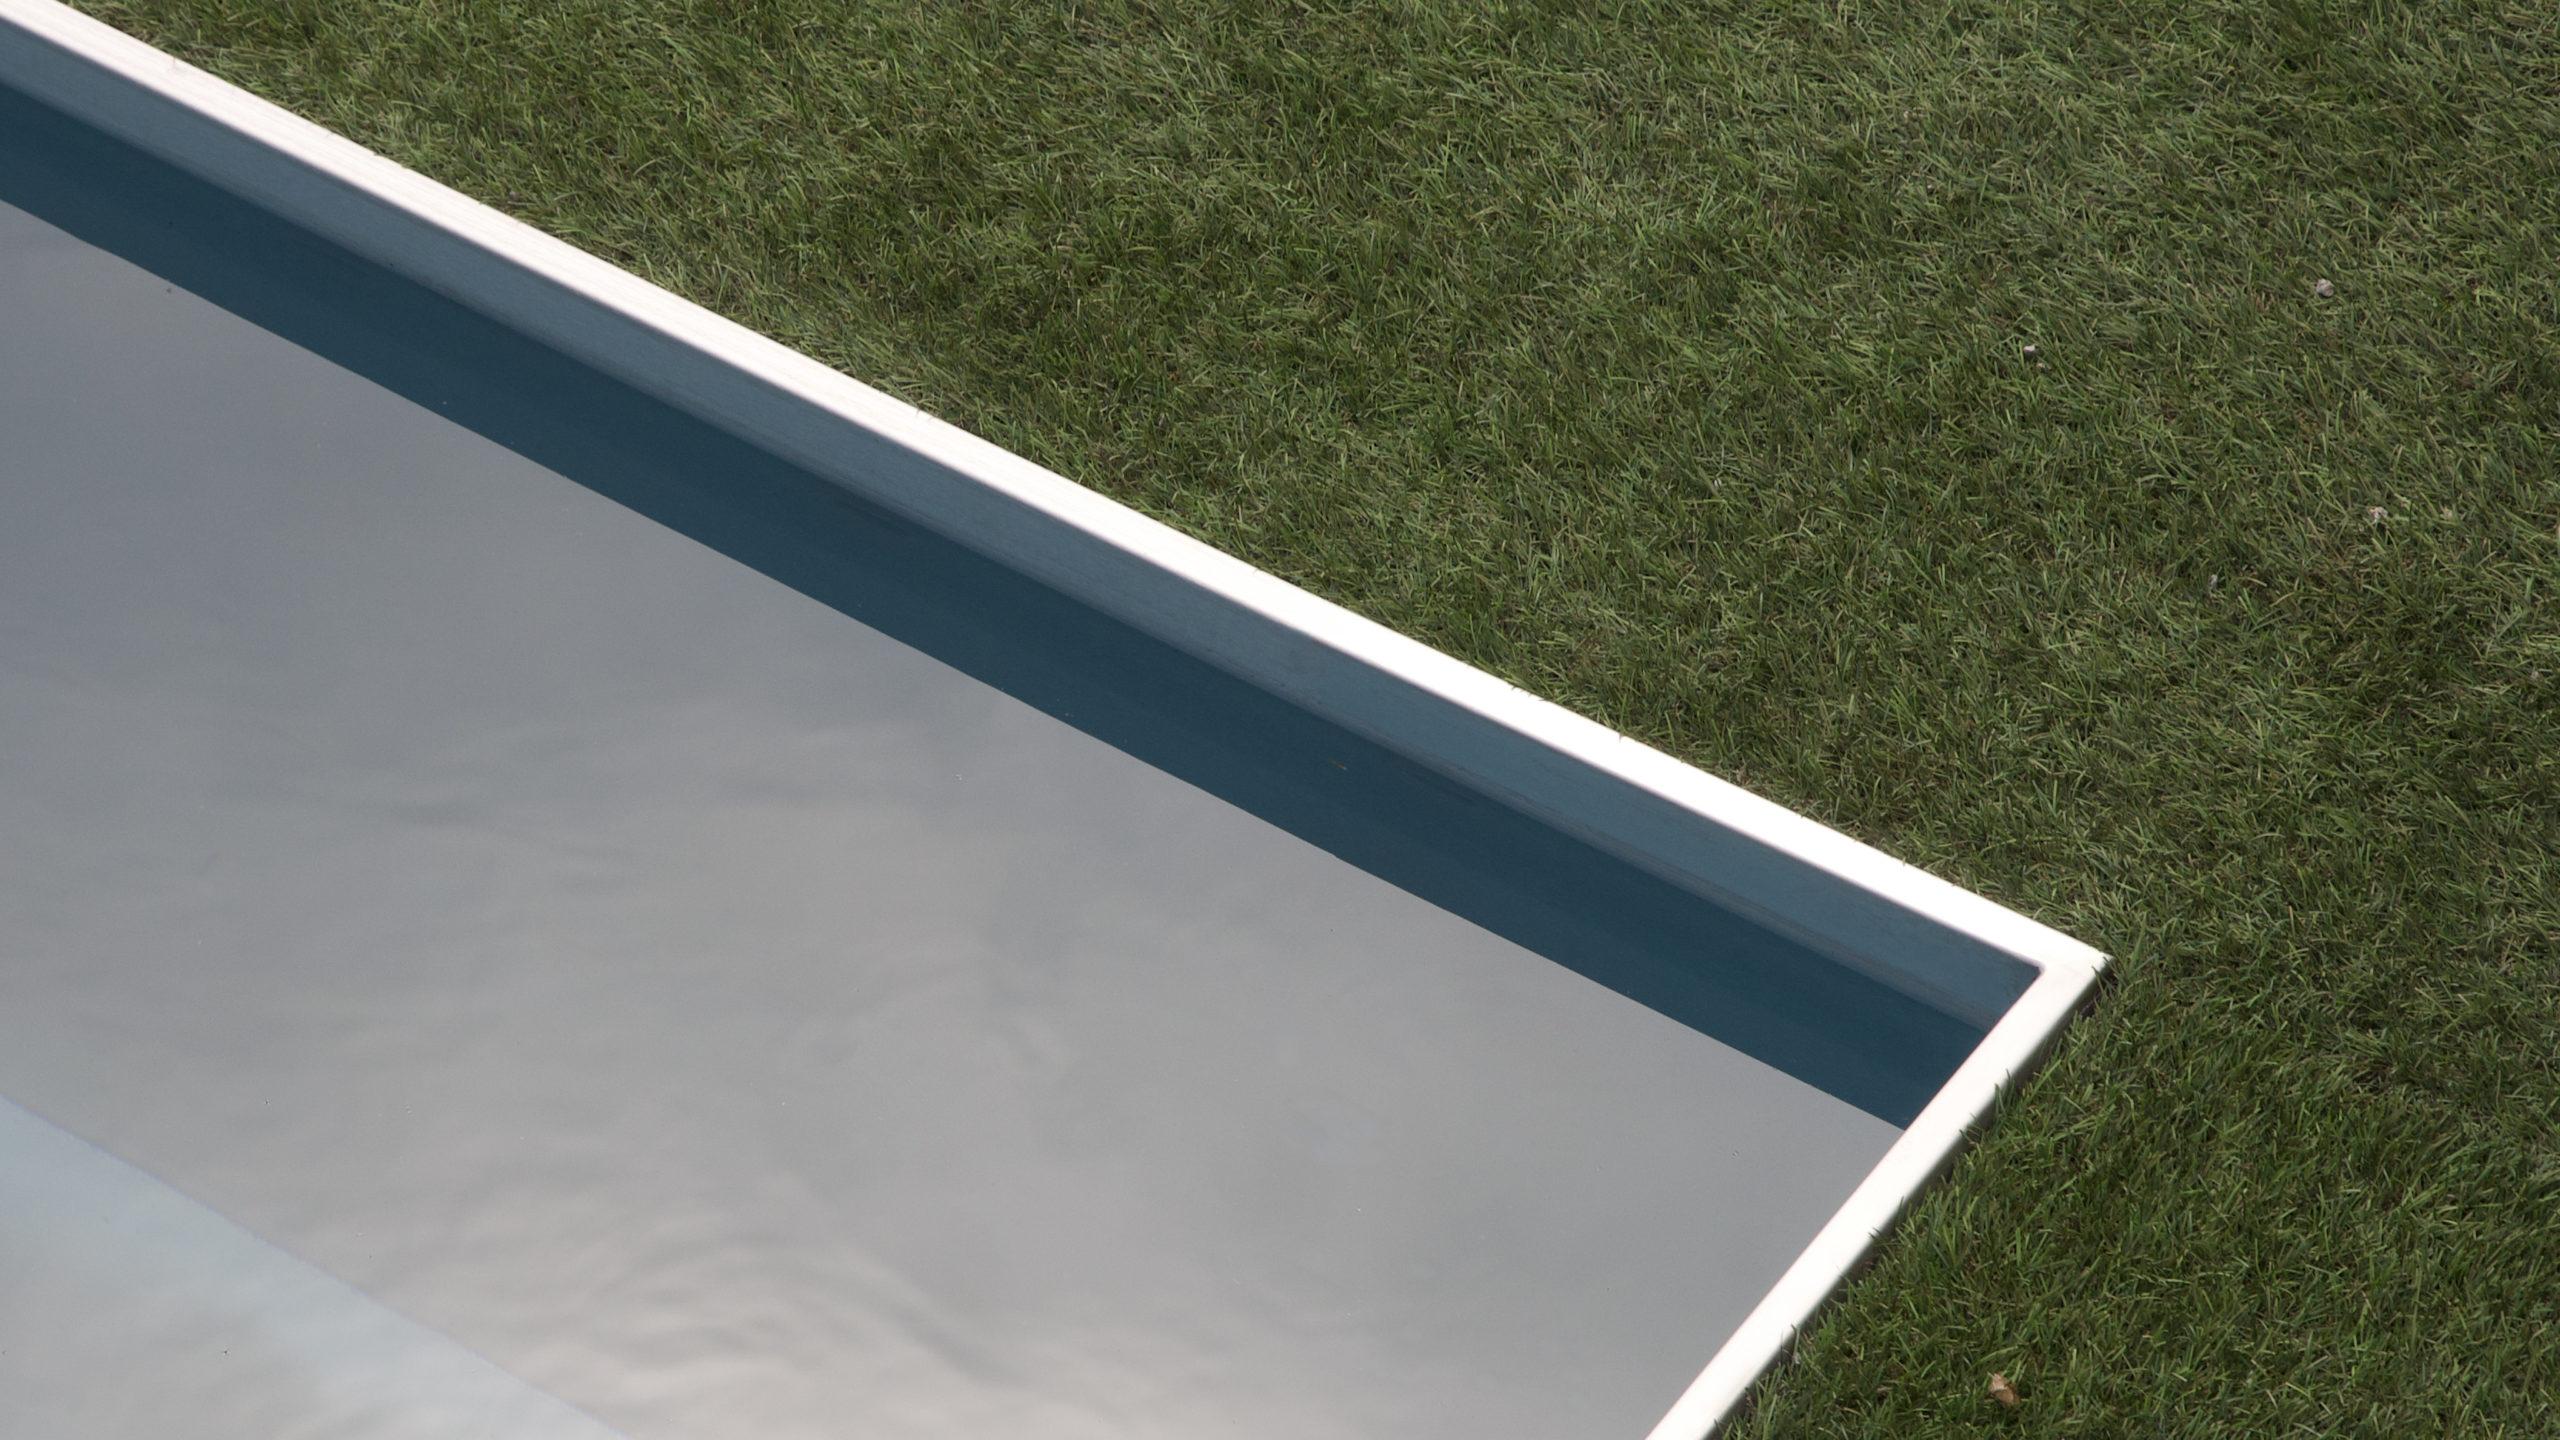 stainless steel pool copings